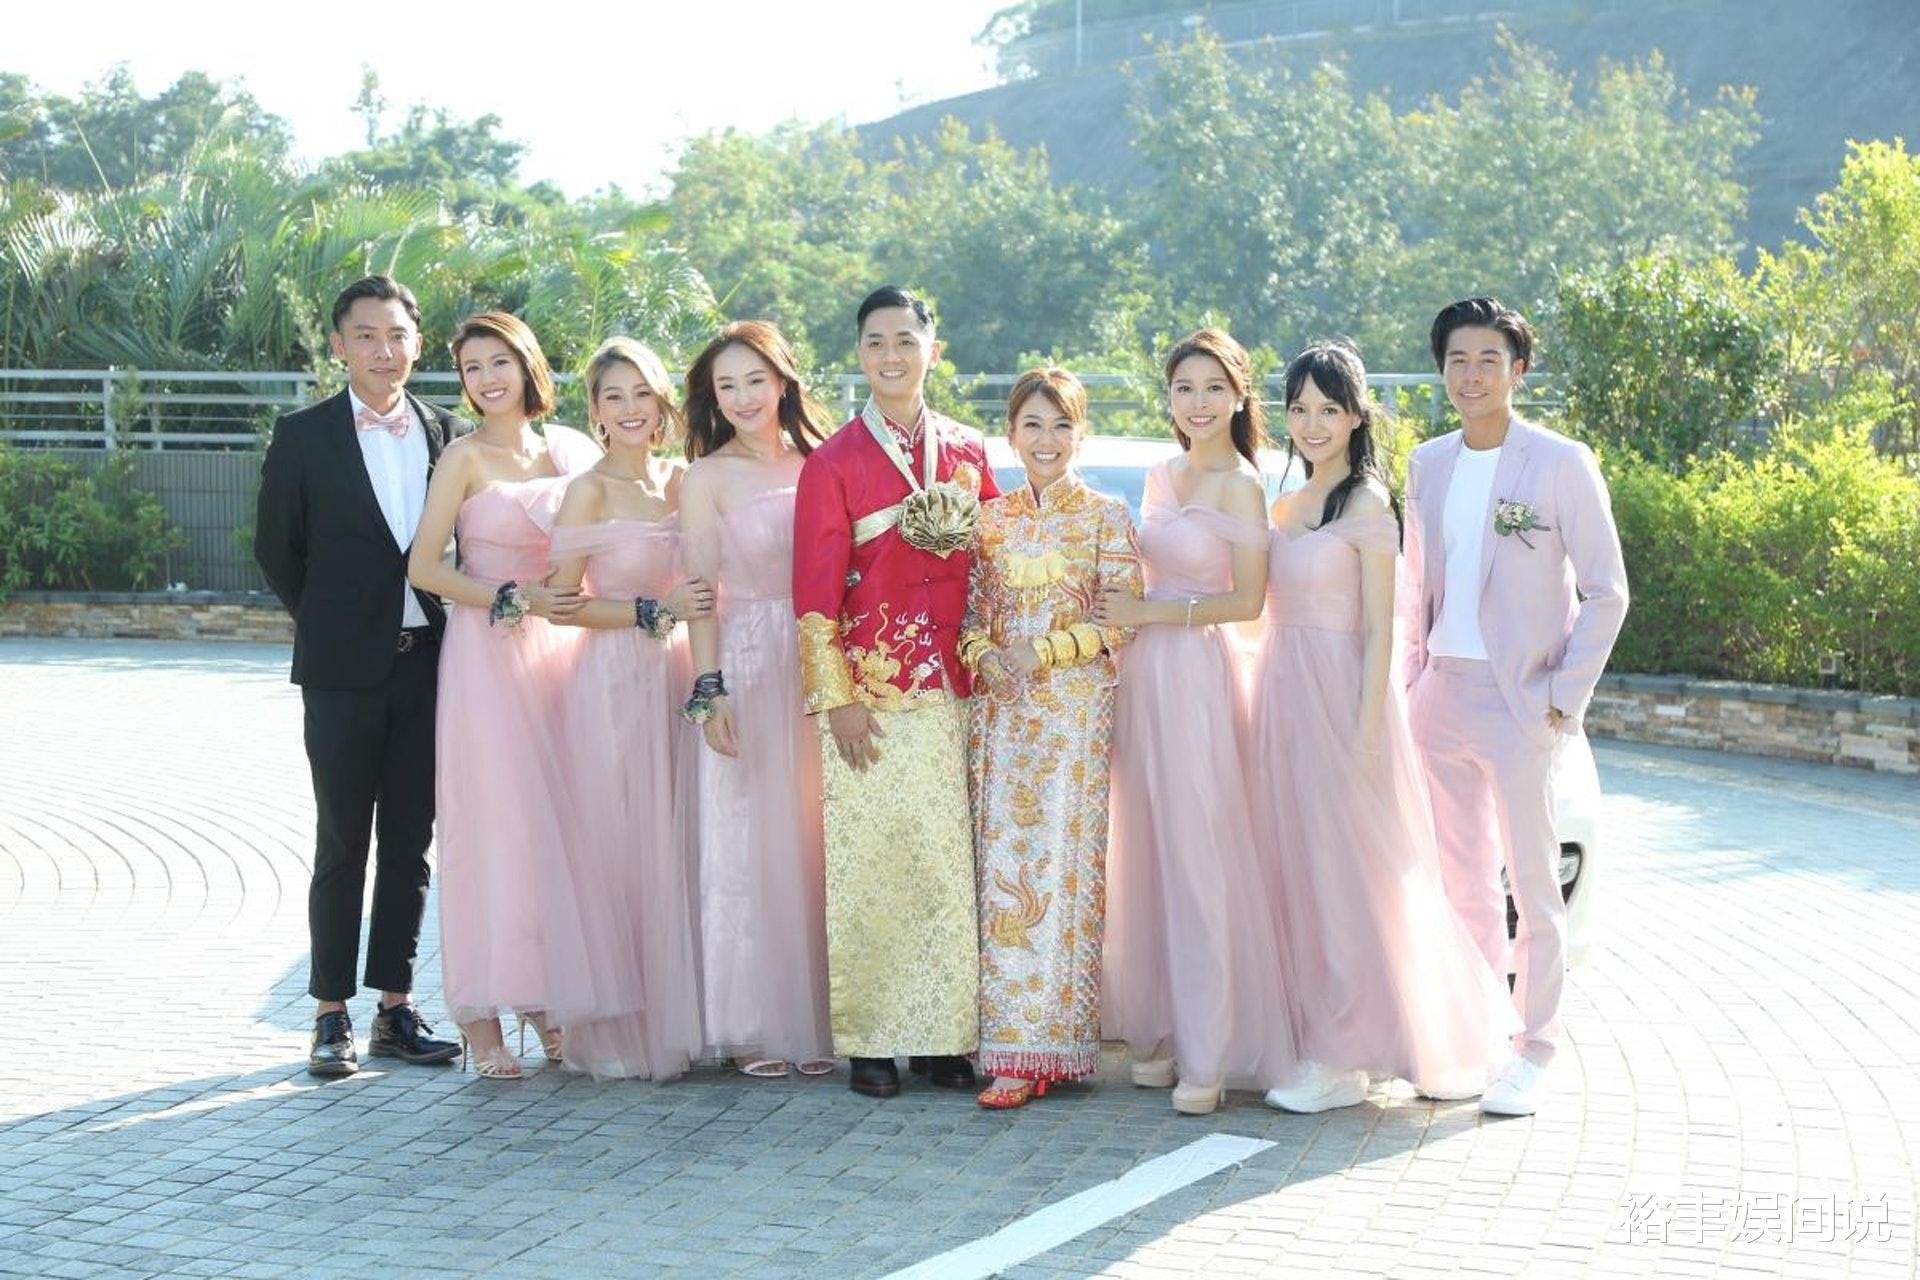 恭喜!TVB小花何雁詩今日出嫁,戴三對大龍鳳鐲,頸掛一隻大金豬-圖6